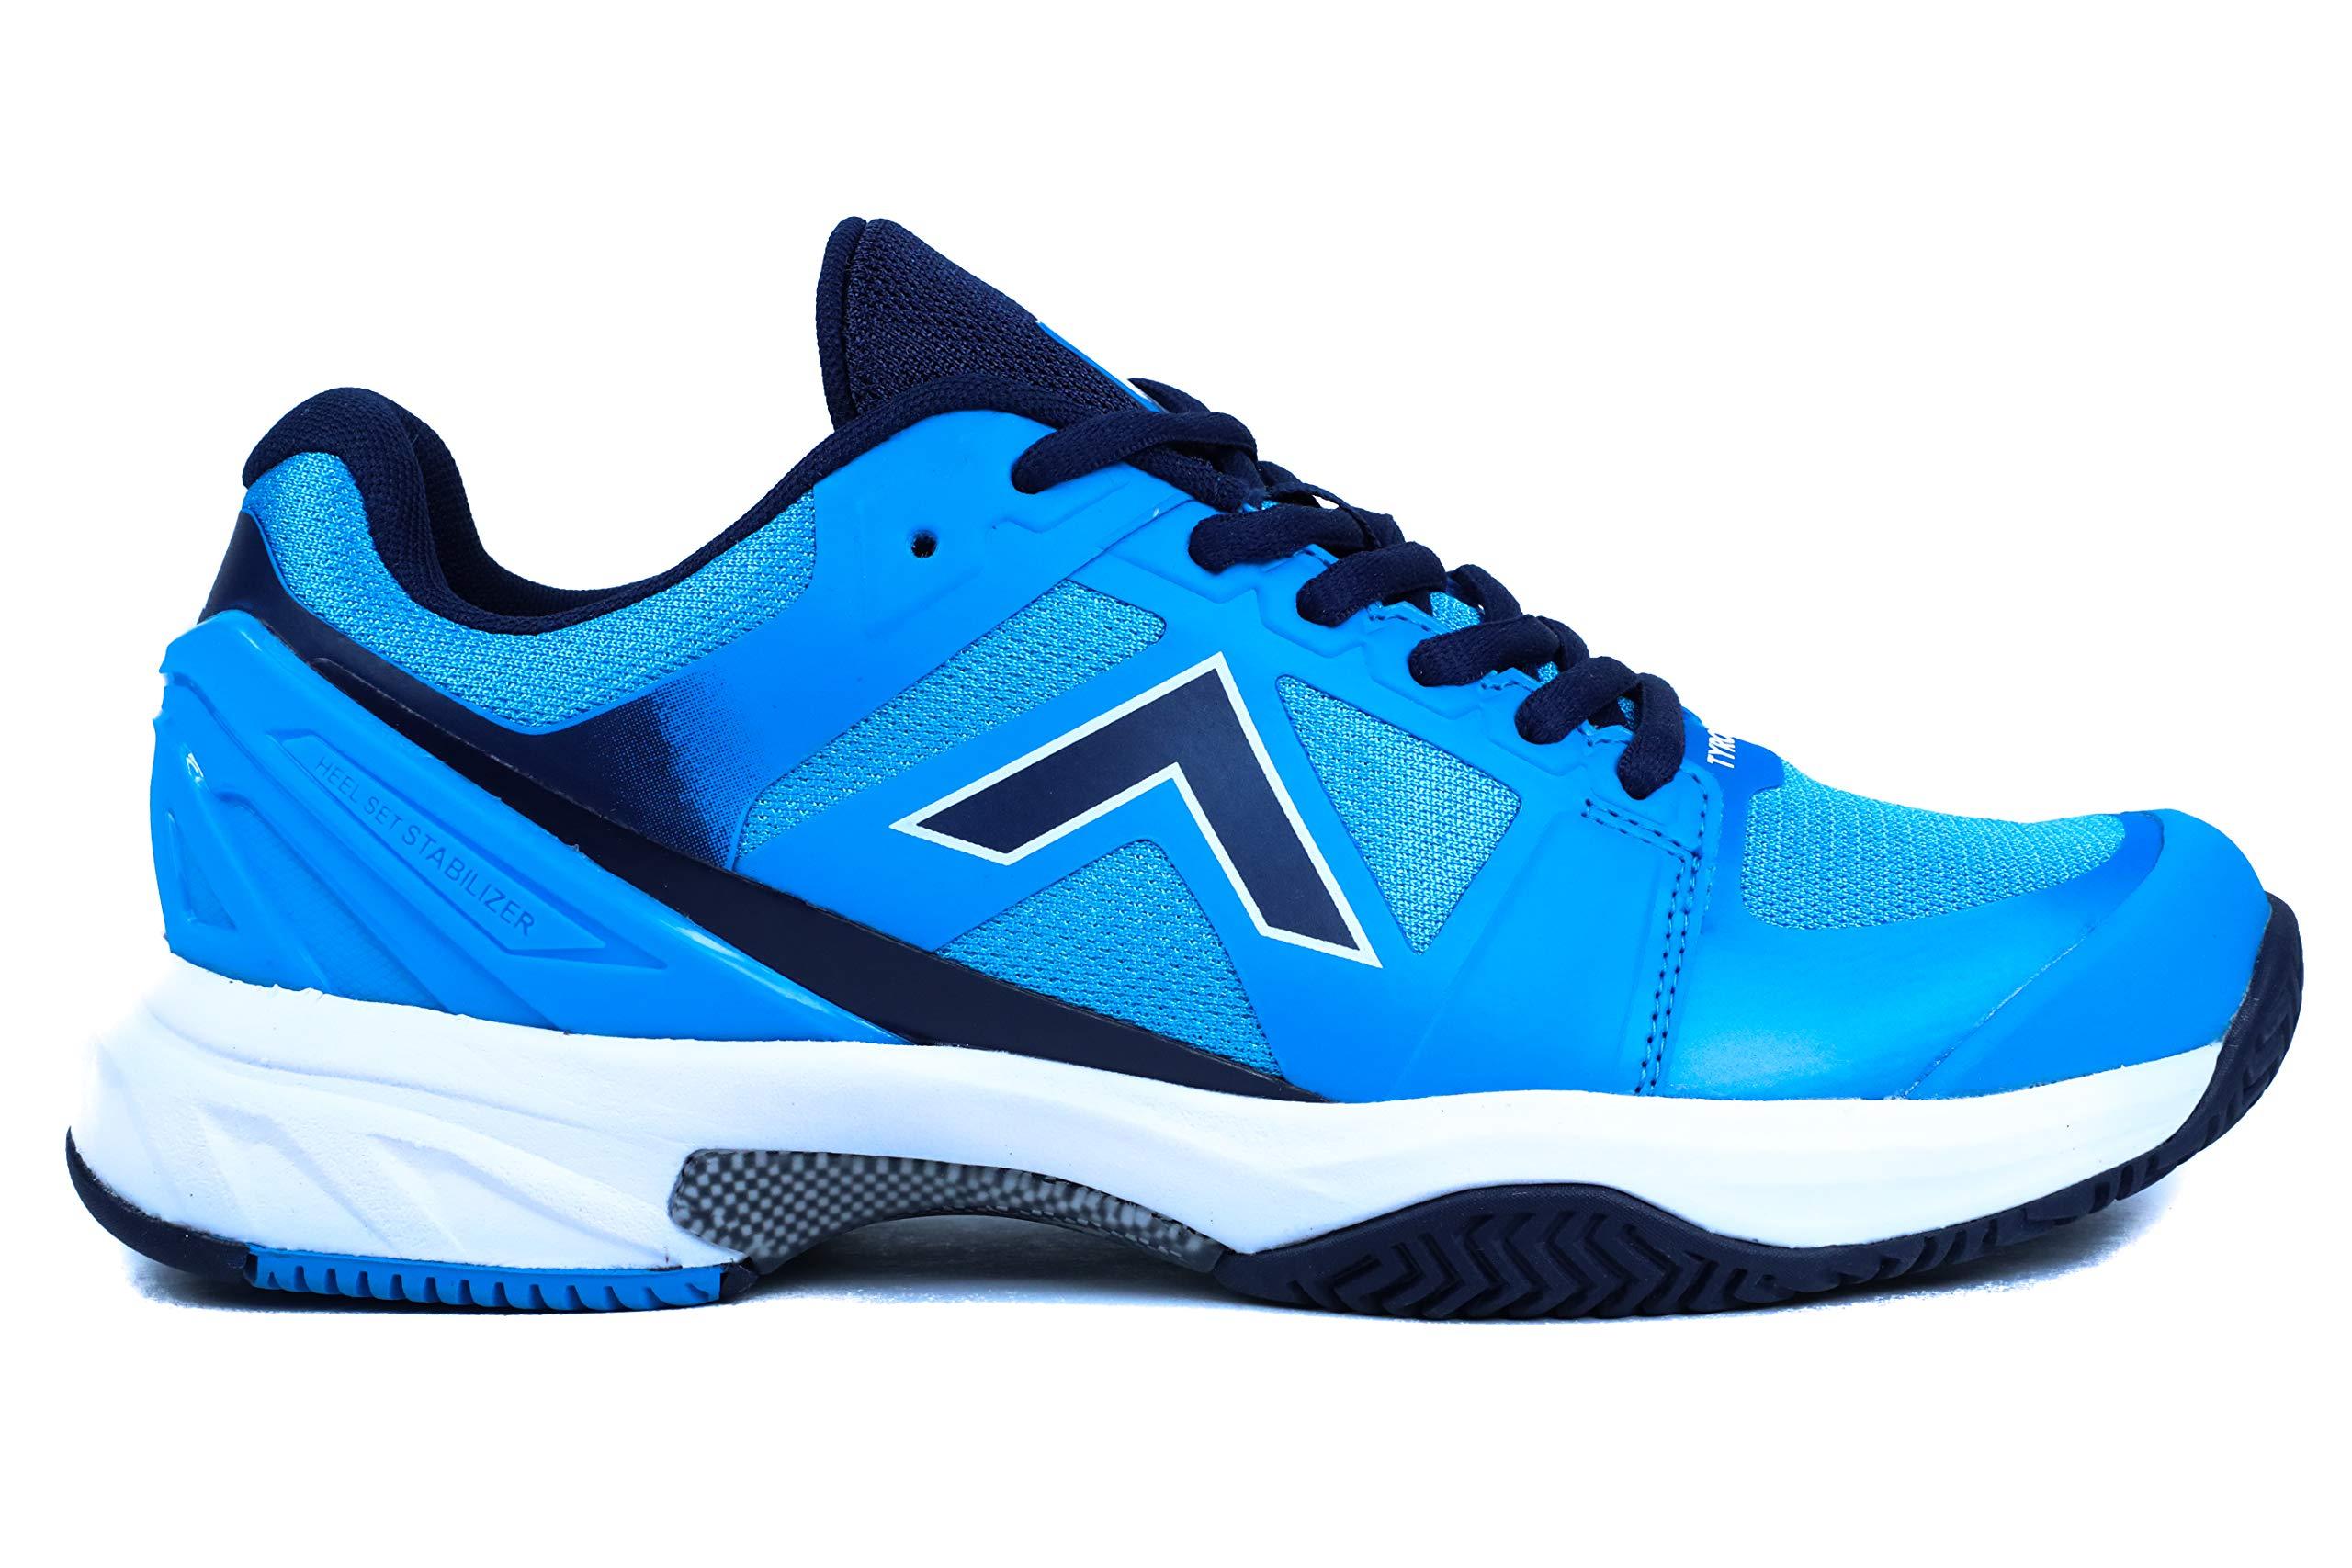 Tyrol Men's Striker Pro Series Pickleball Shoe (7.5, e.Blue/Navy)